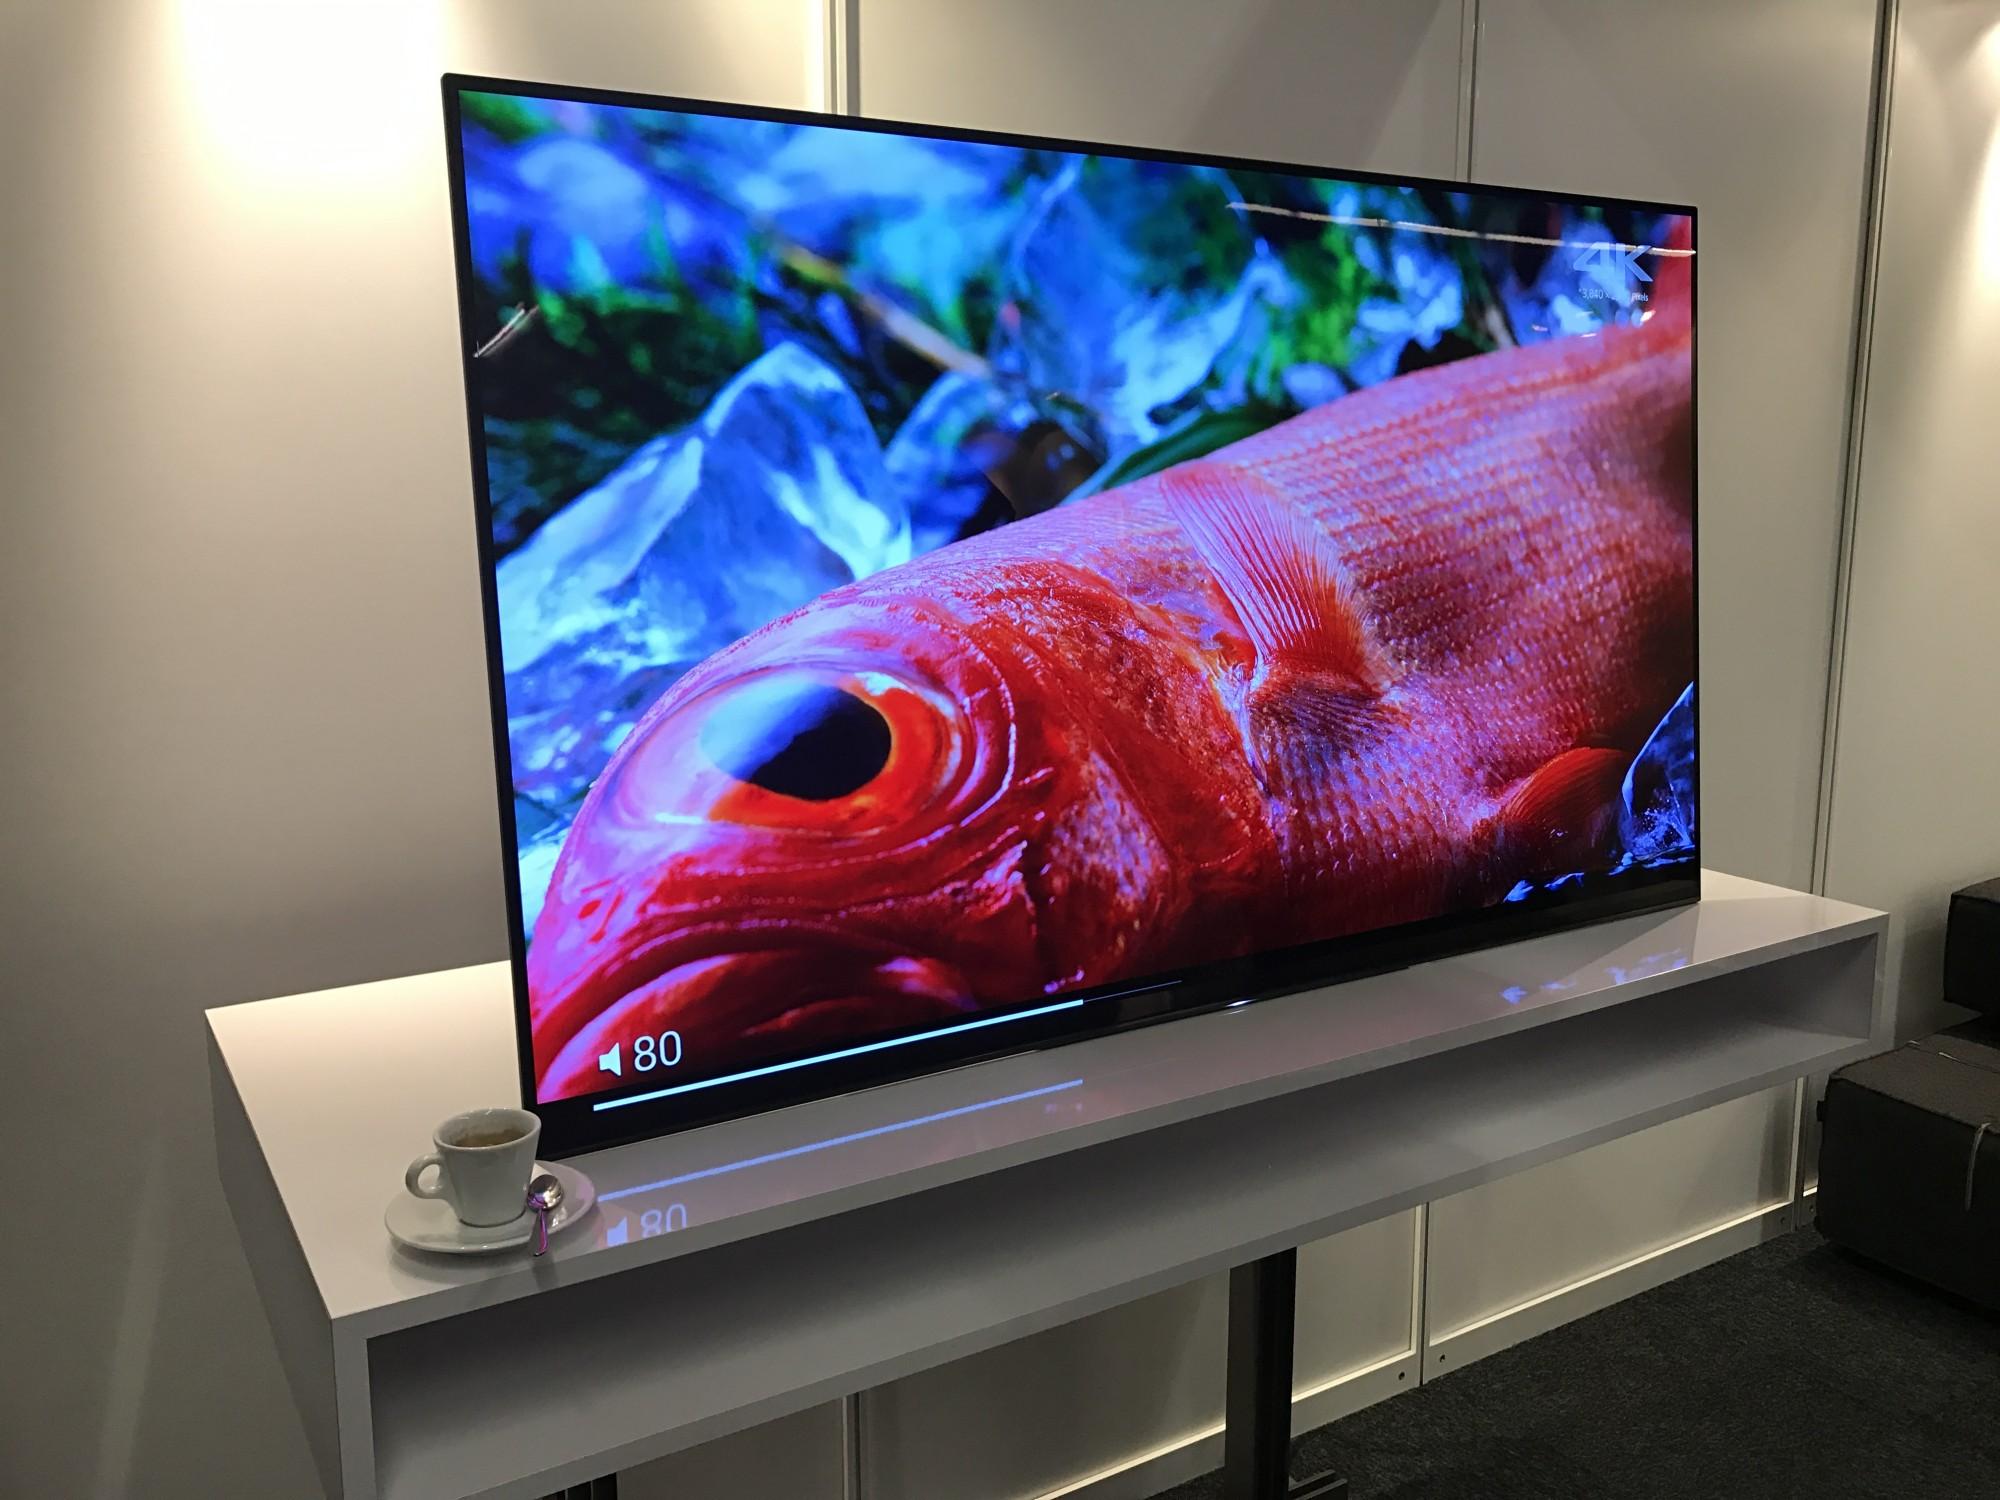 Nouveau Sony OLED avec haut parleur intégré à la dalle avant ISE amsterdam 2017